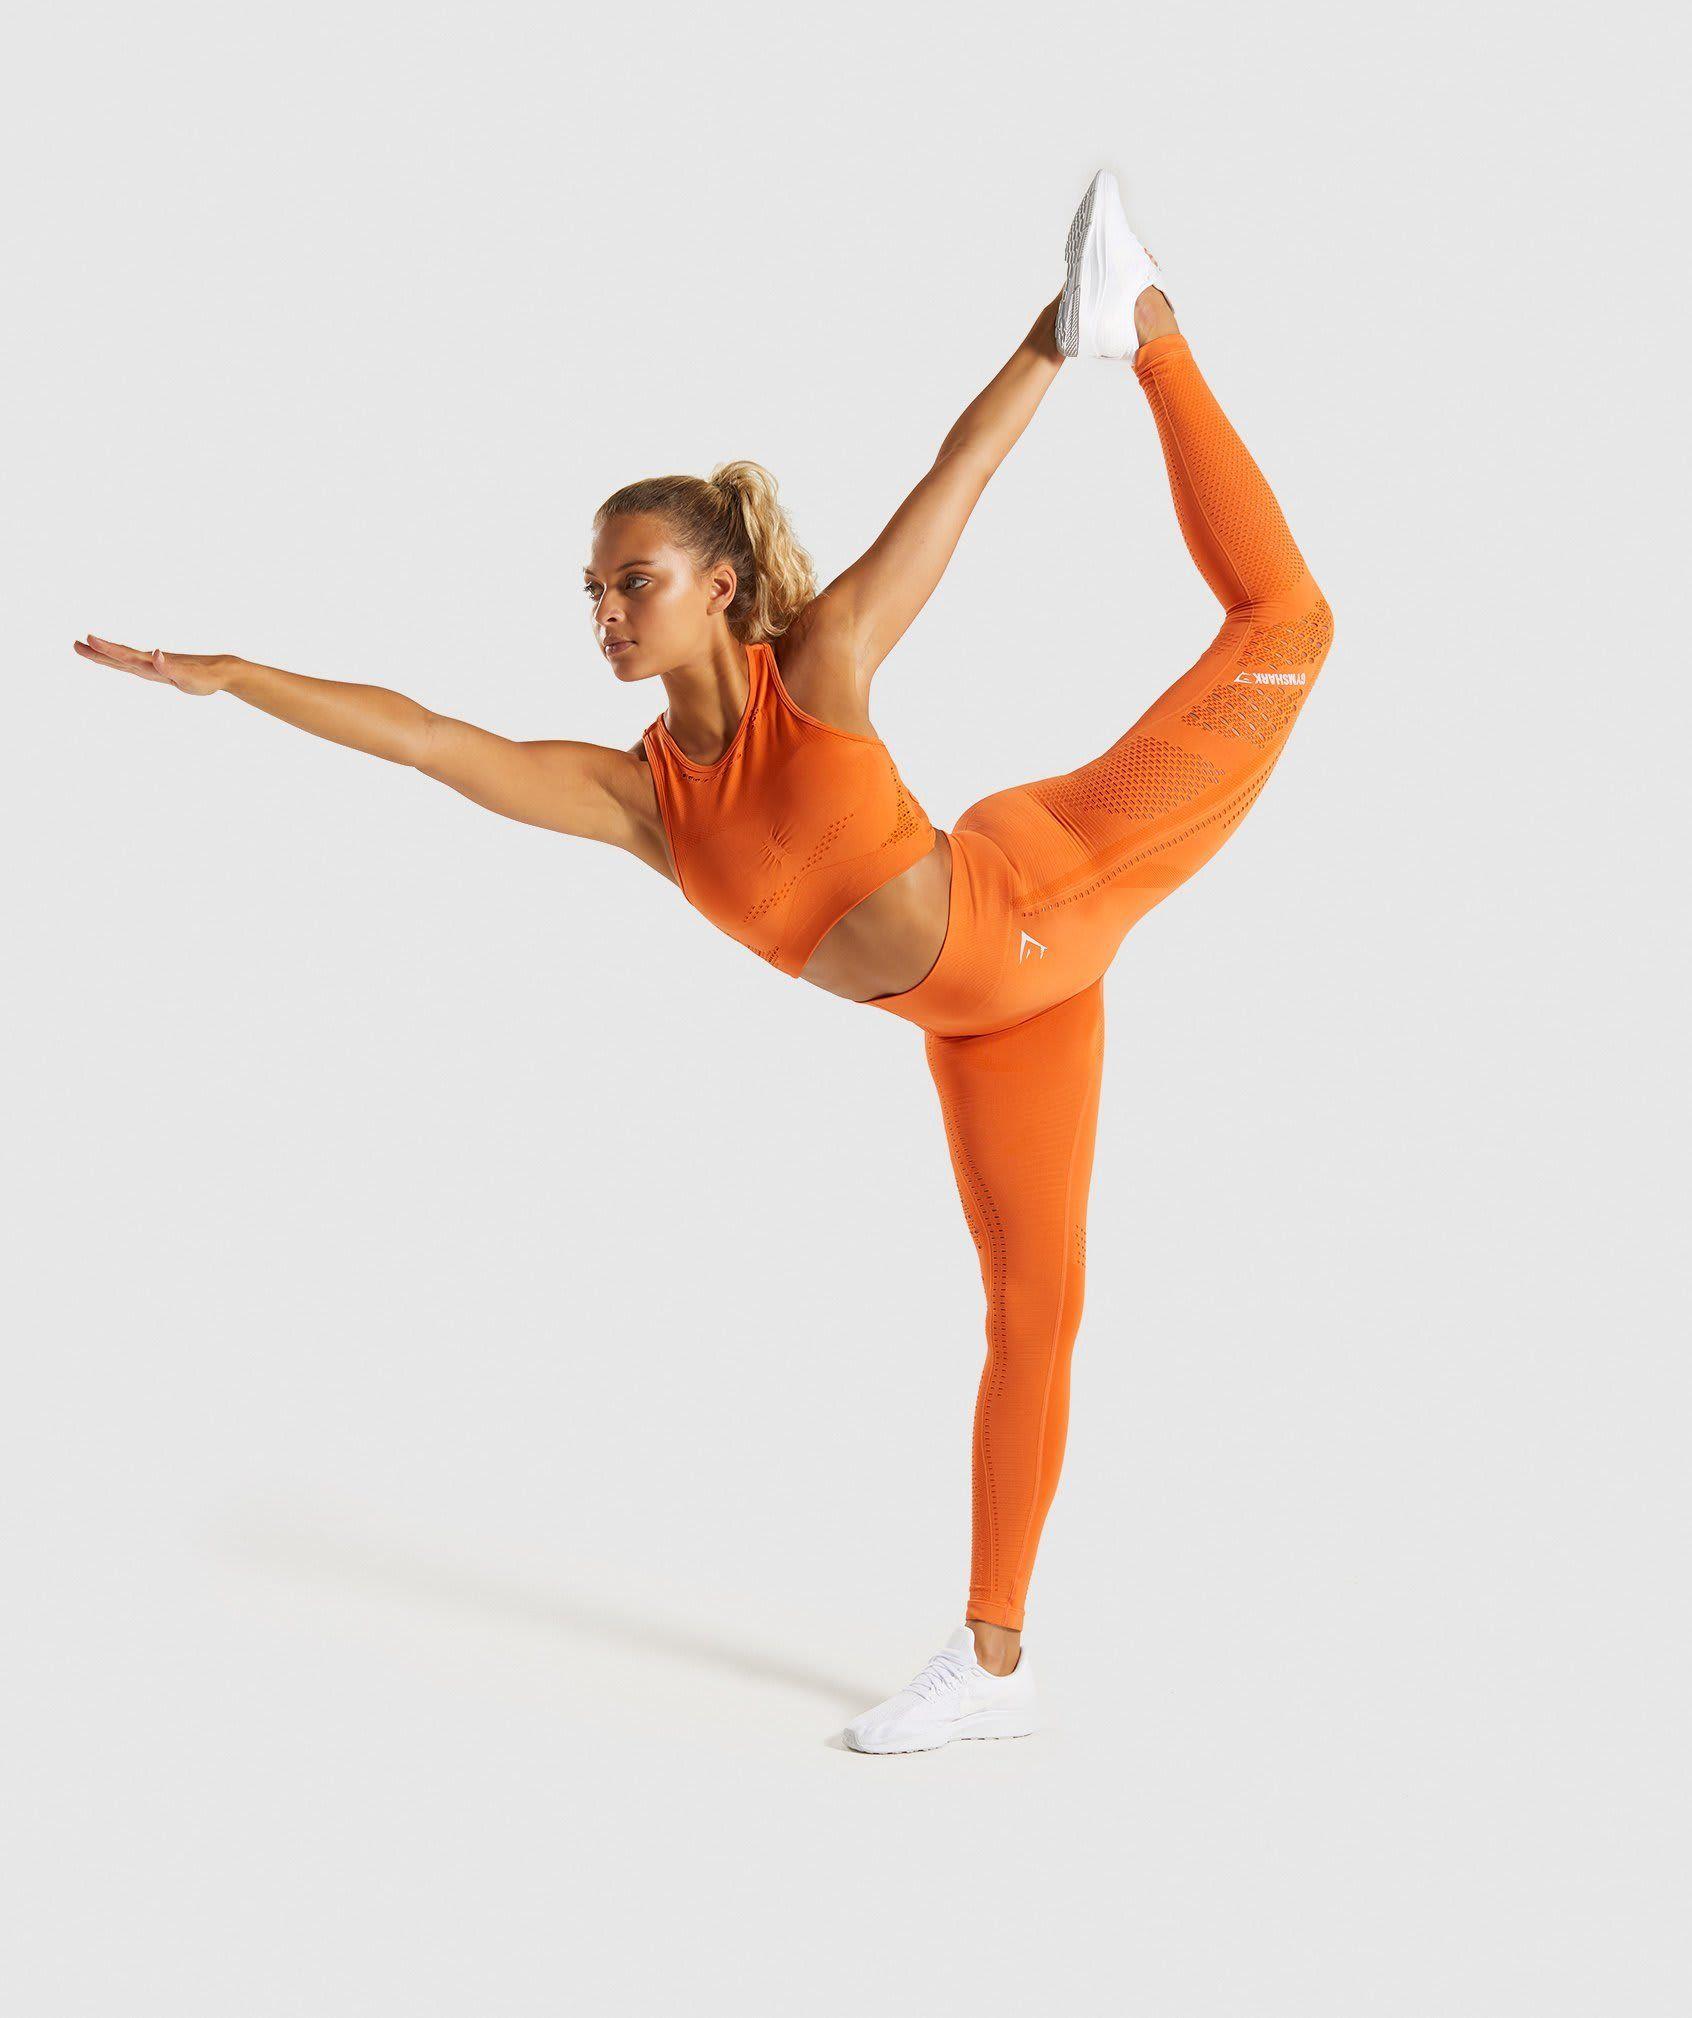 Gymshark Flawless Knit Sports Bra Burnt Orange in 2020